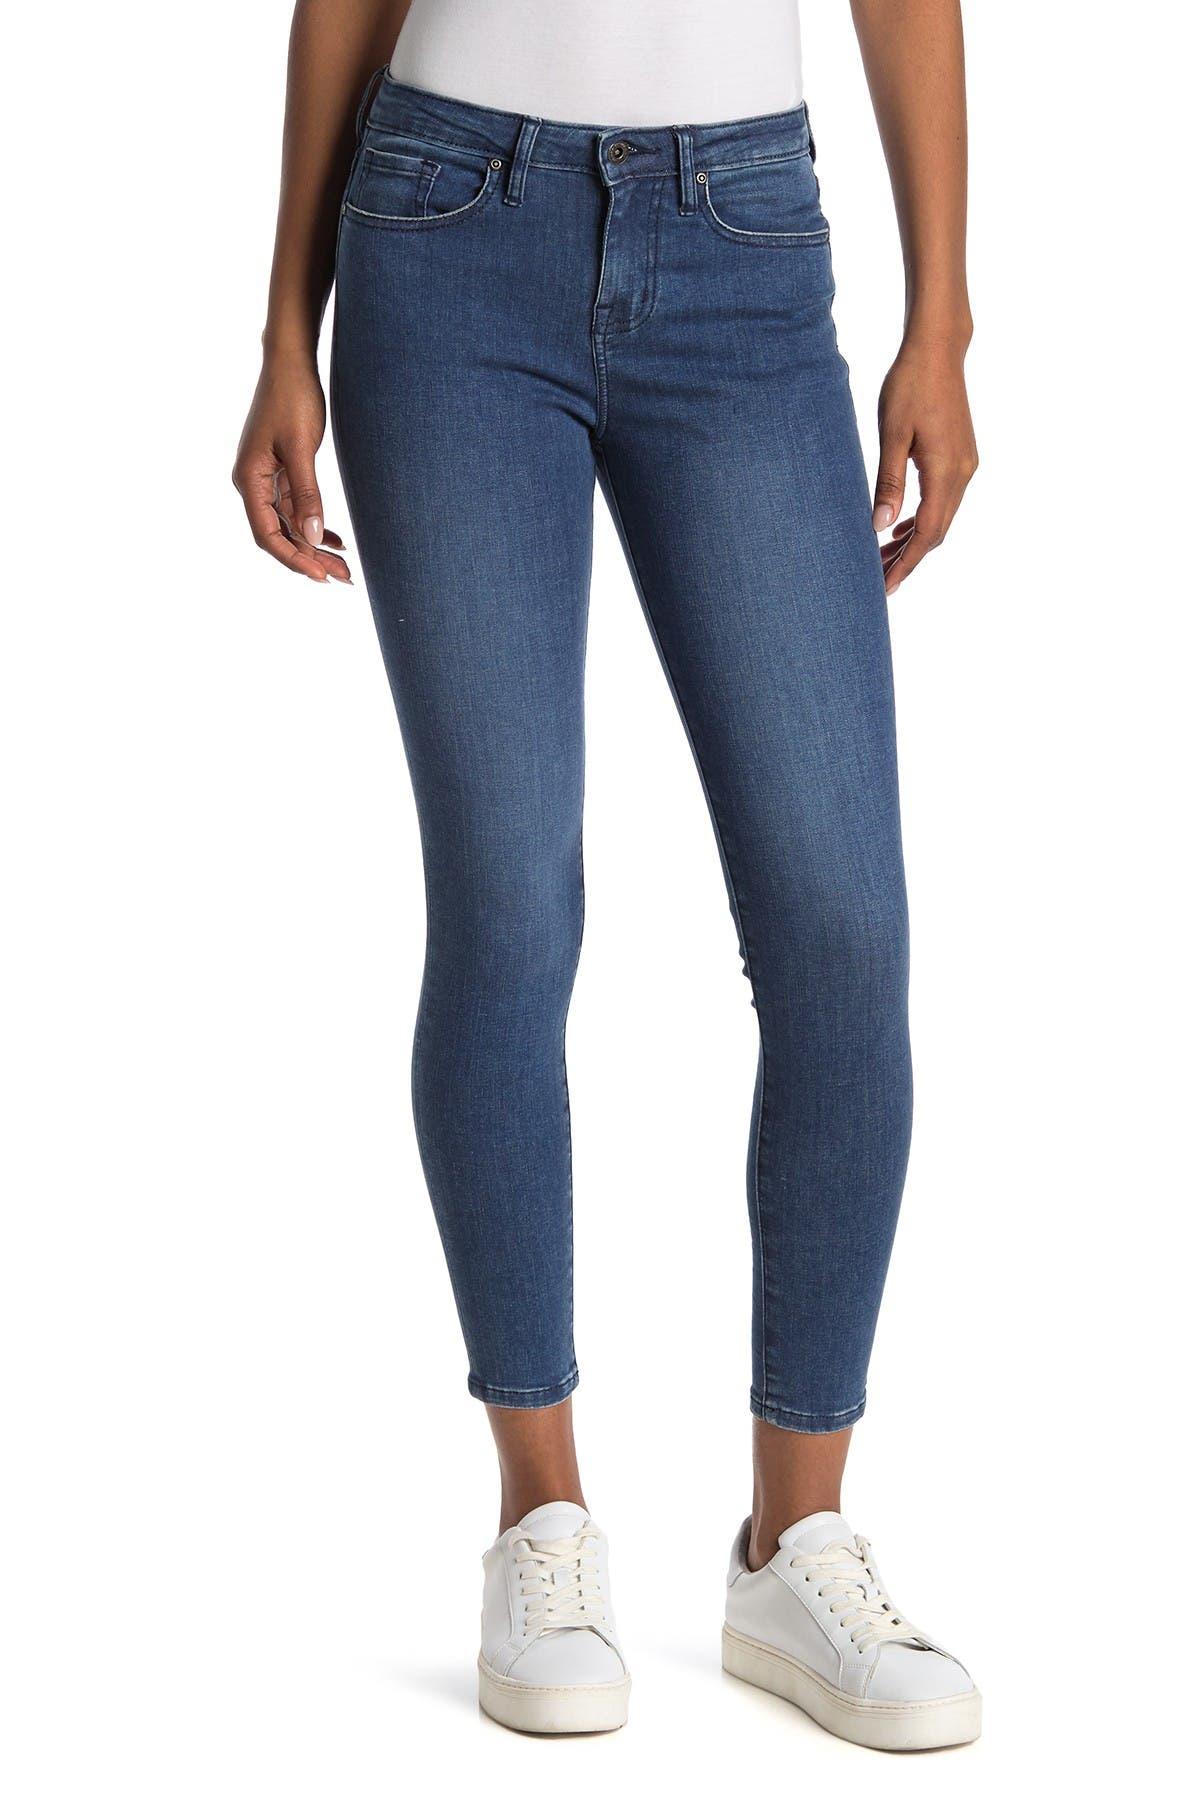 Image of Outland Denim Isabel Dazed Skinny Jeans